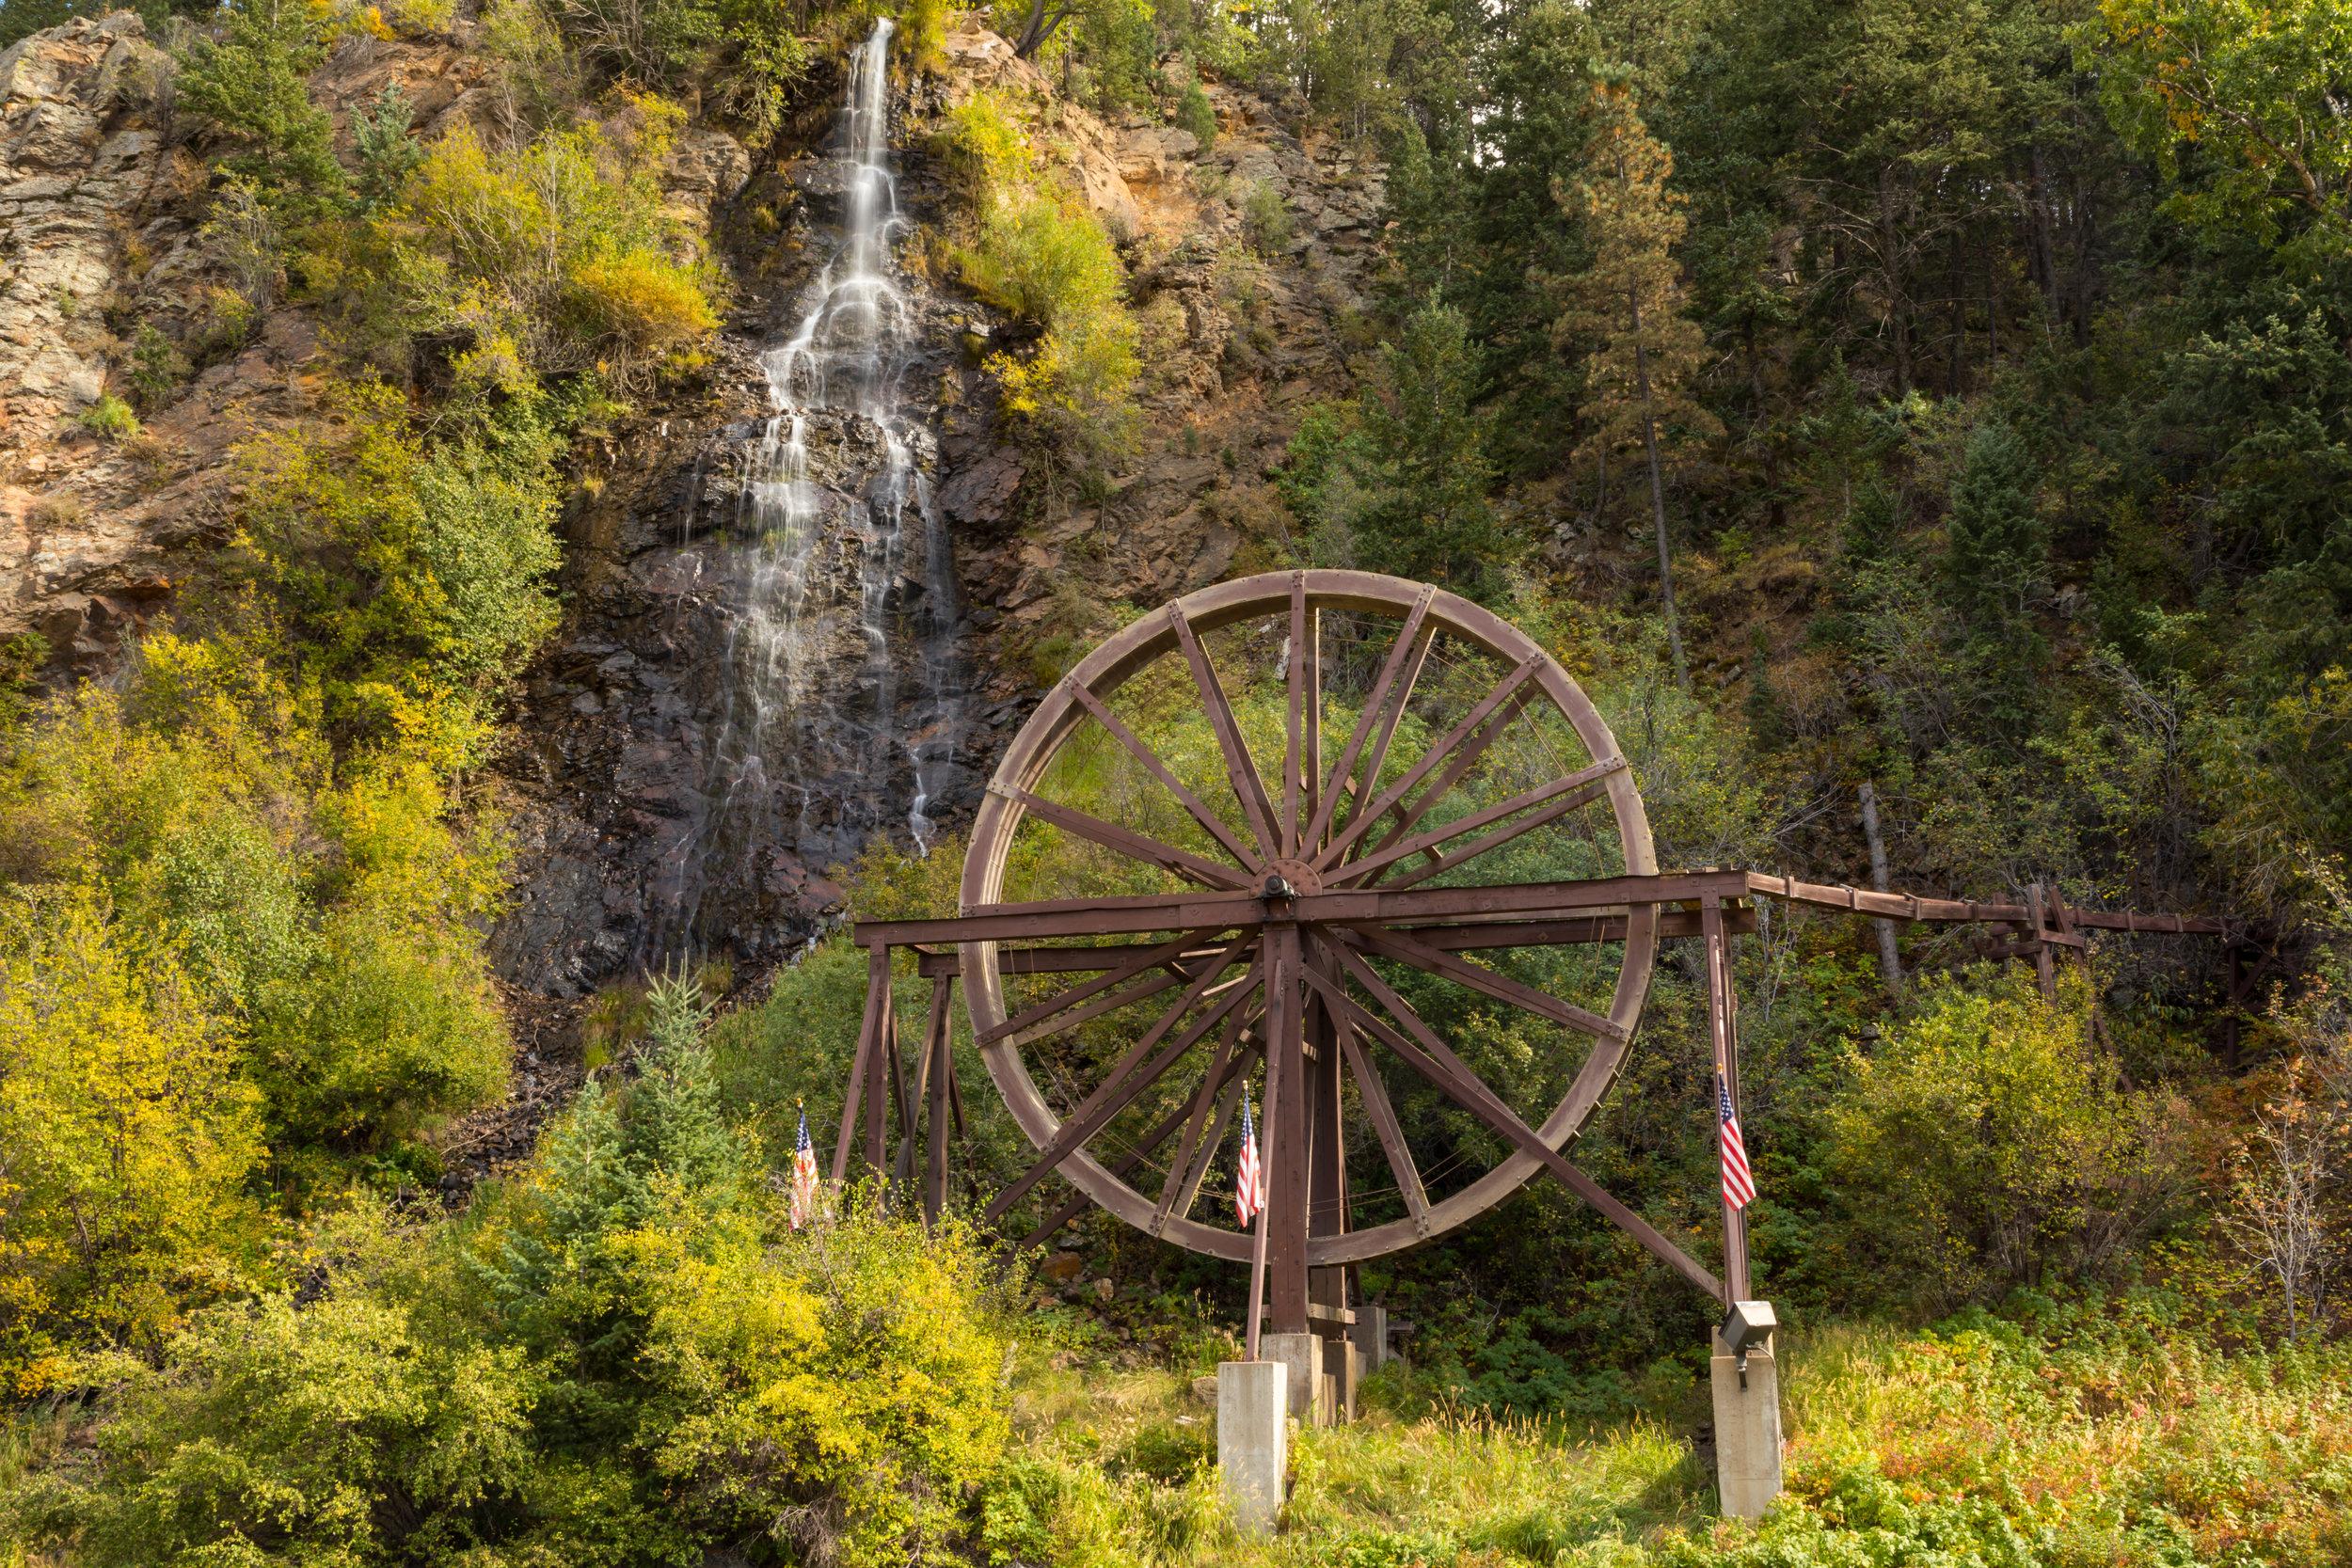 Idaho Springs, Image # 0399